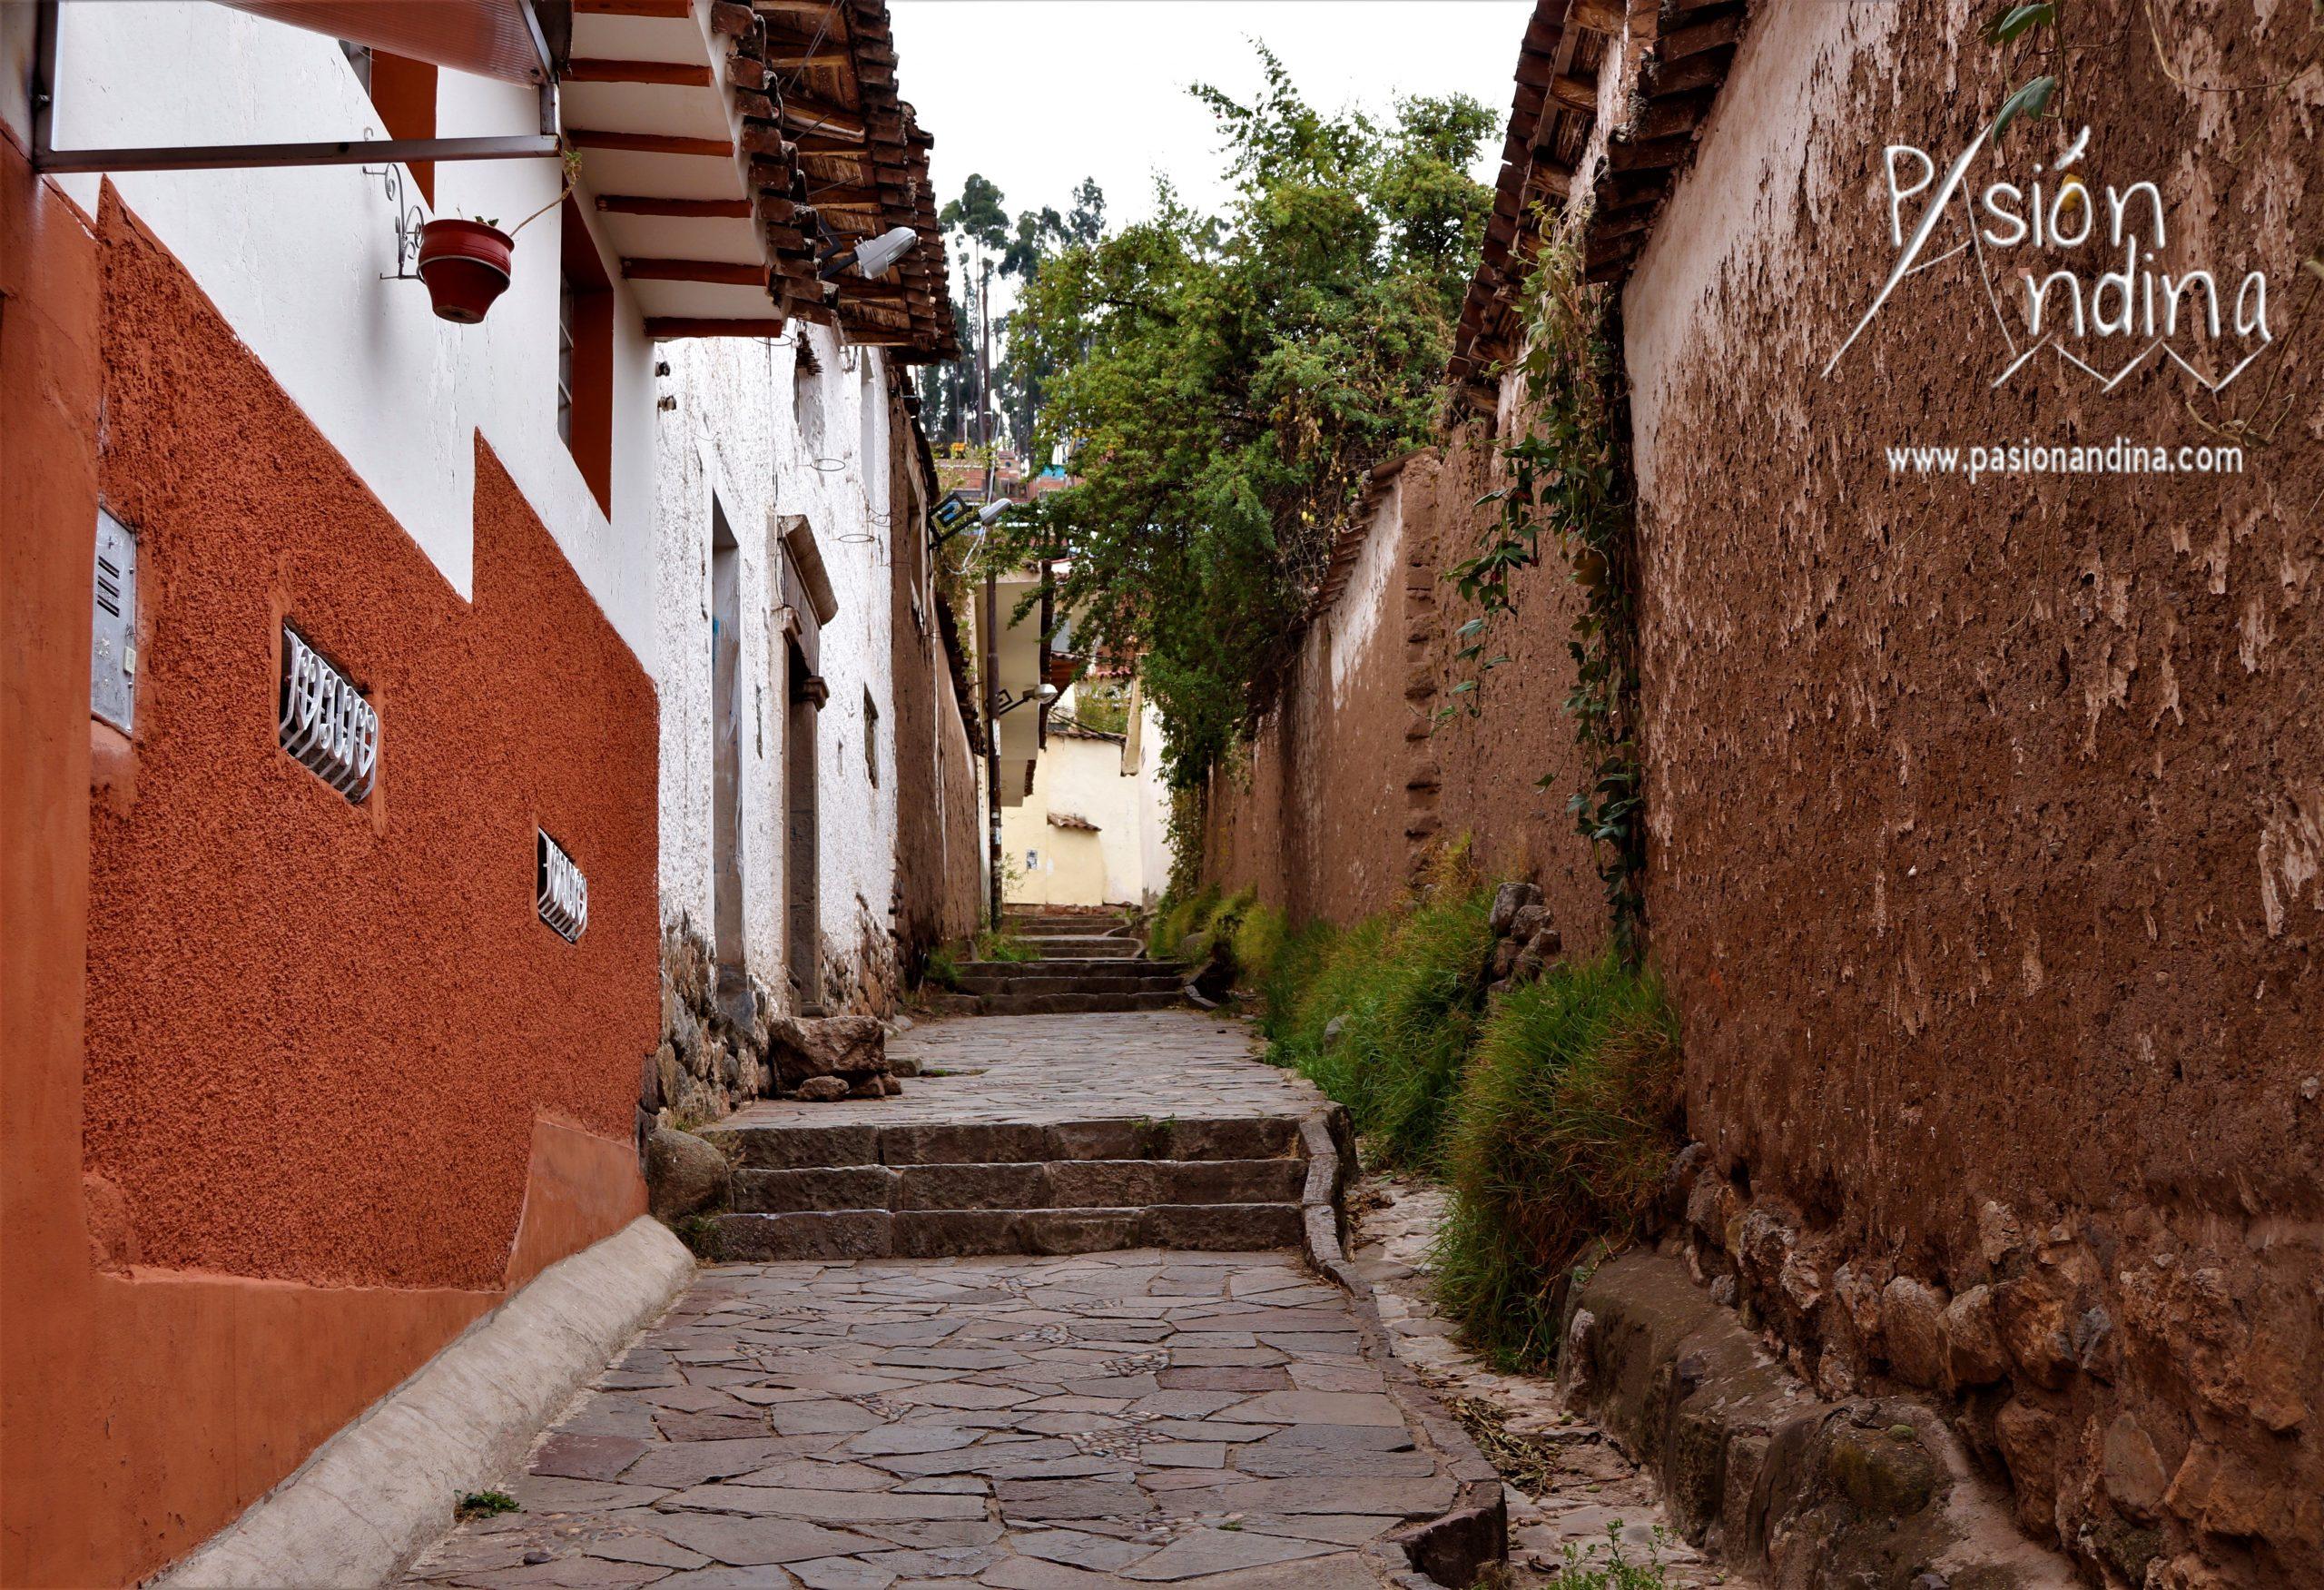 Calle K'urkurpata